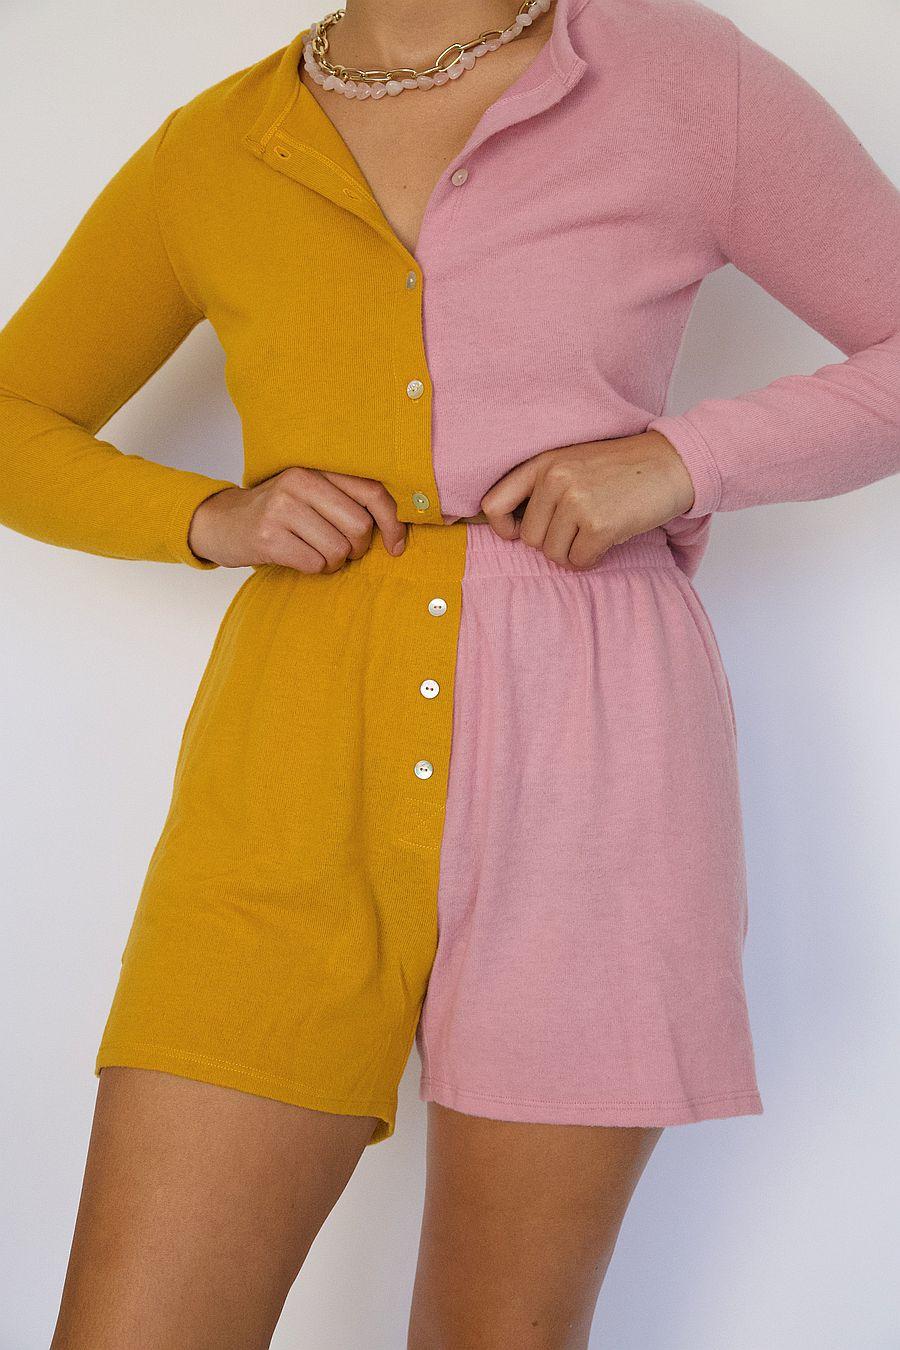 DONNI. Duo Sweater Cardi - Mustard/Rose